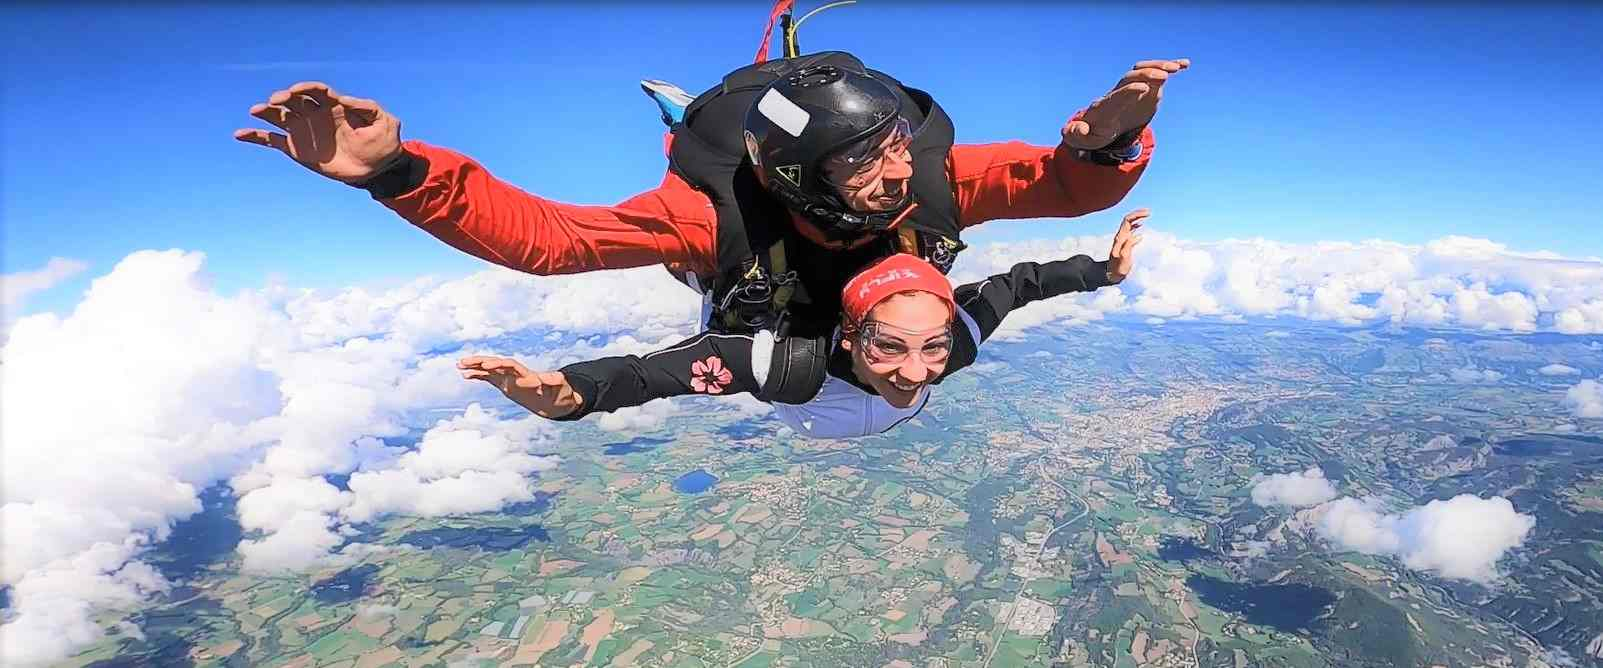 Saut en parachute à Tallard !